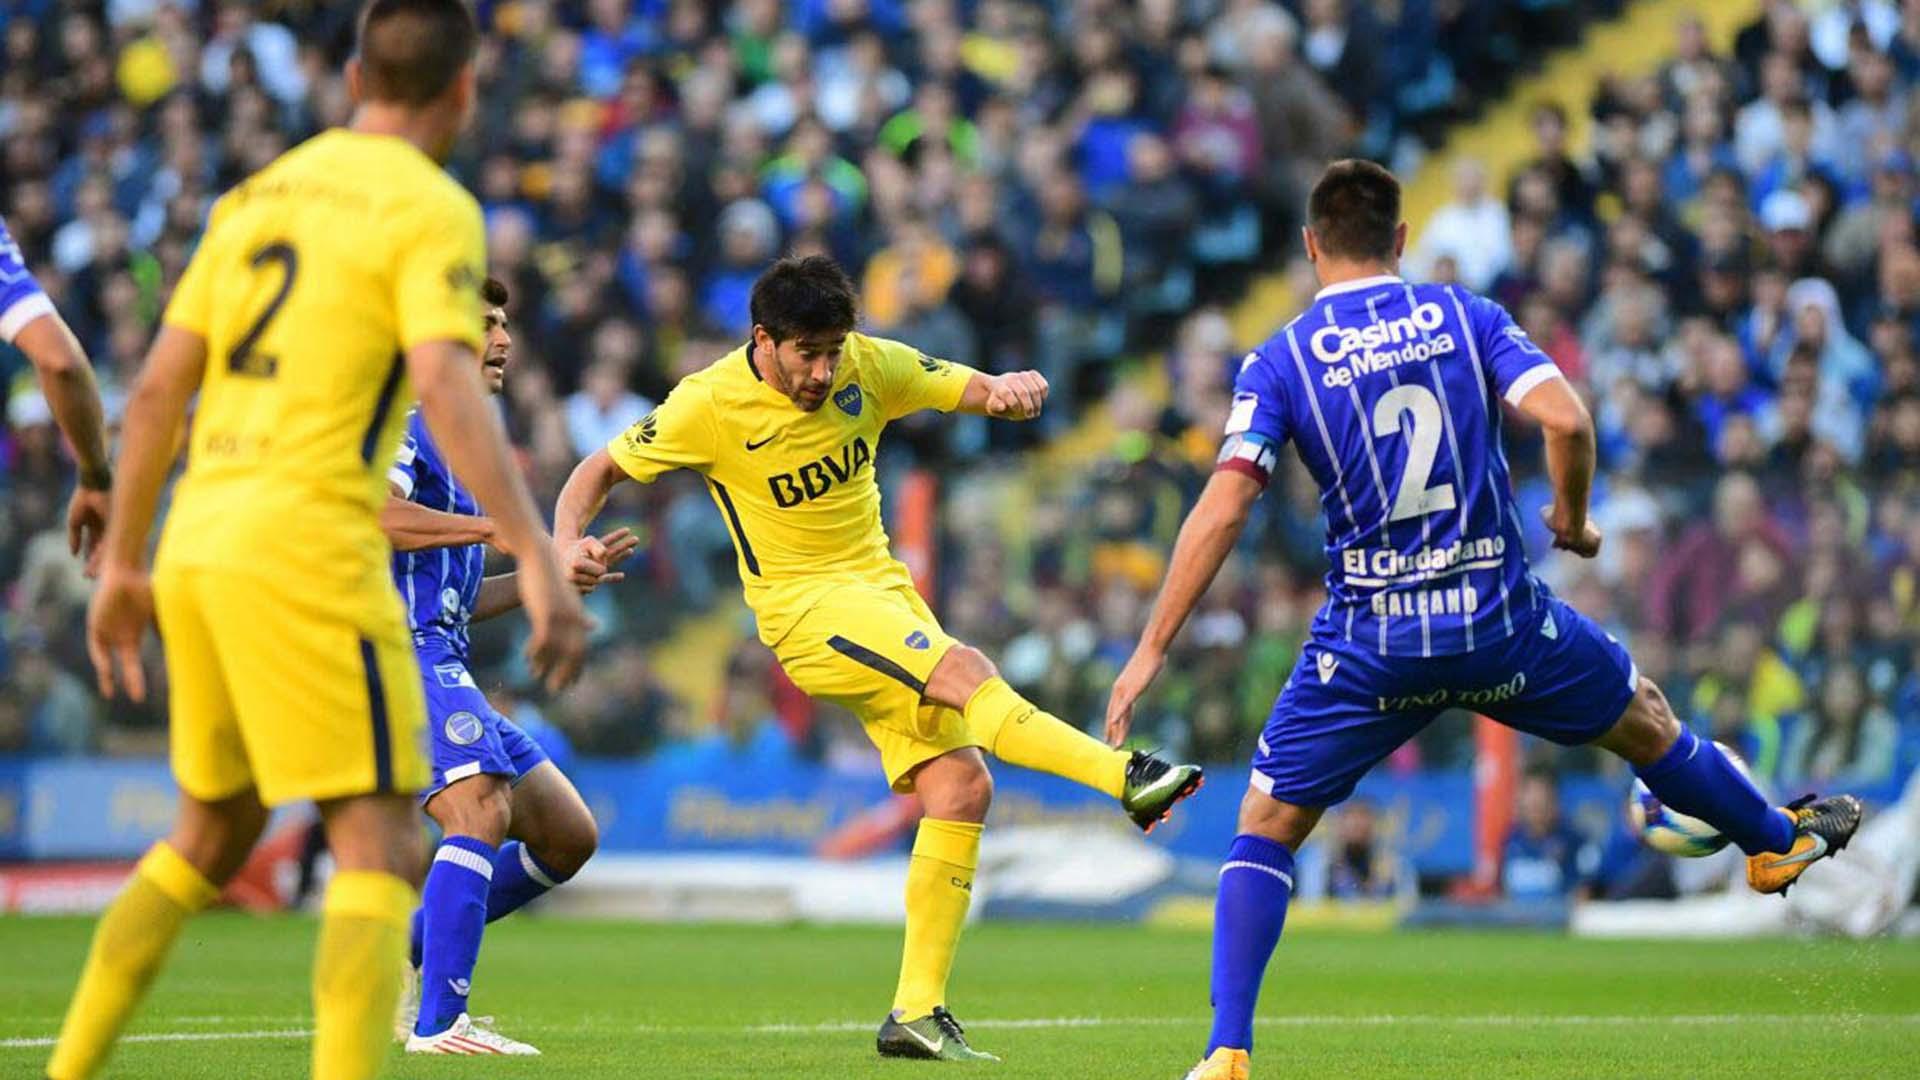 Boca y Godoy Cruz, los dos equipos que pelean por el título en la Superliga (Foto: Télam)